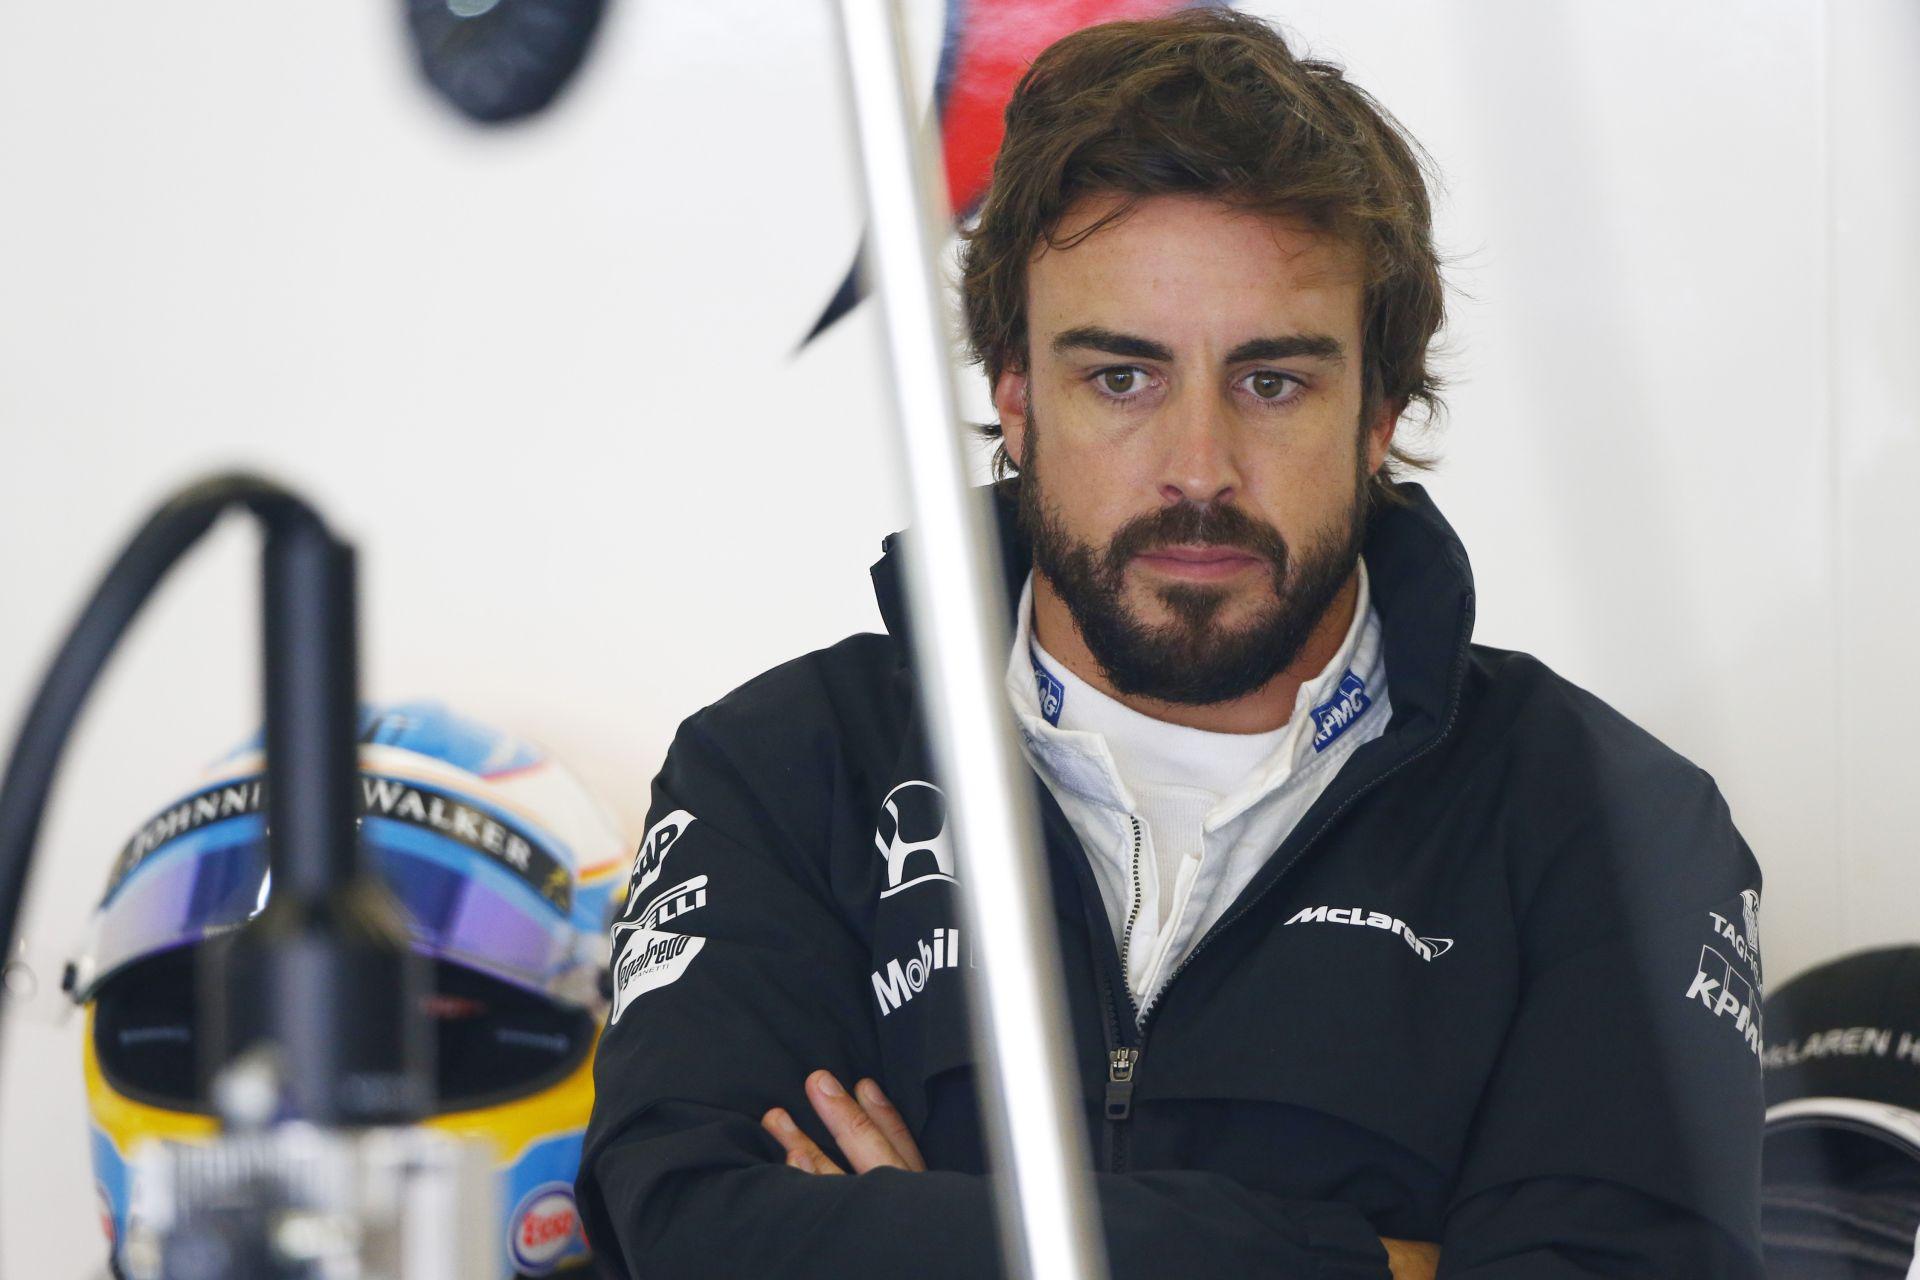 Alonso a McLaren-Hondával egy utolsó fejezetet nyitott a Forma-1-es pályafutásában